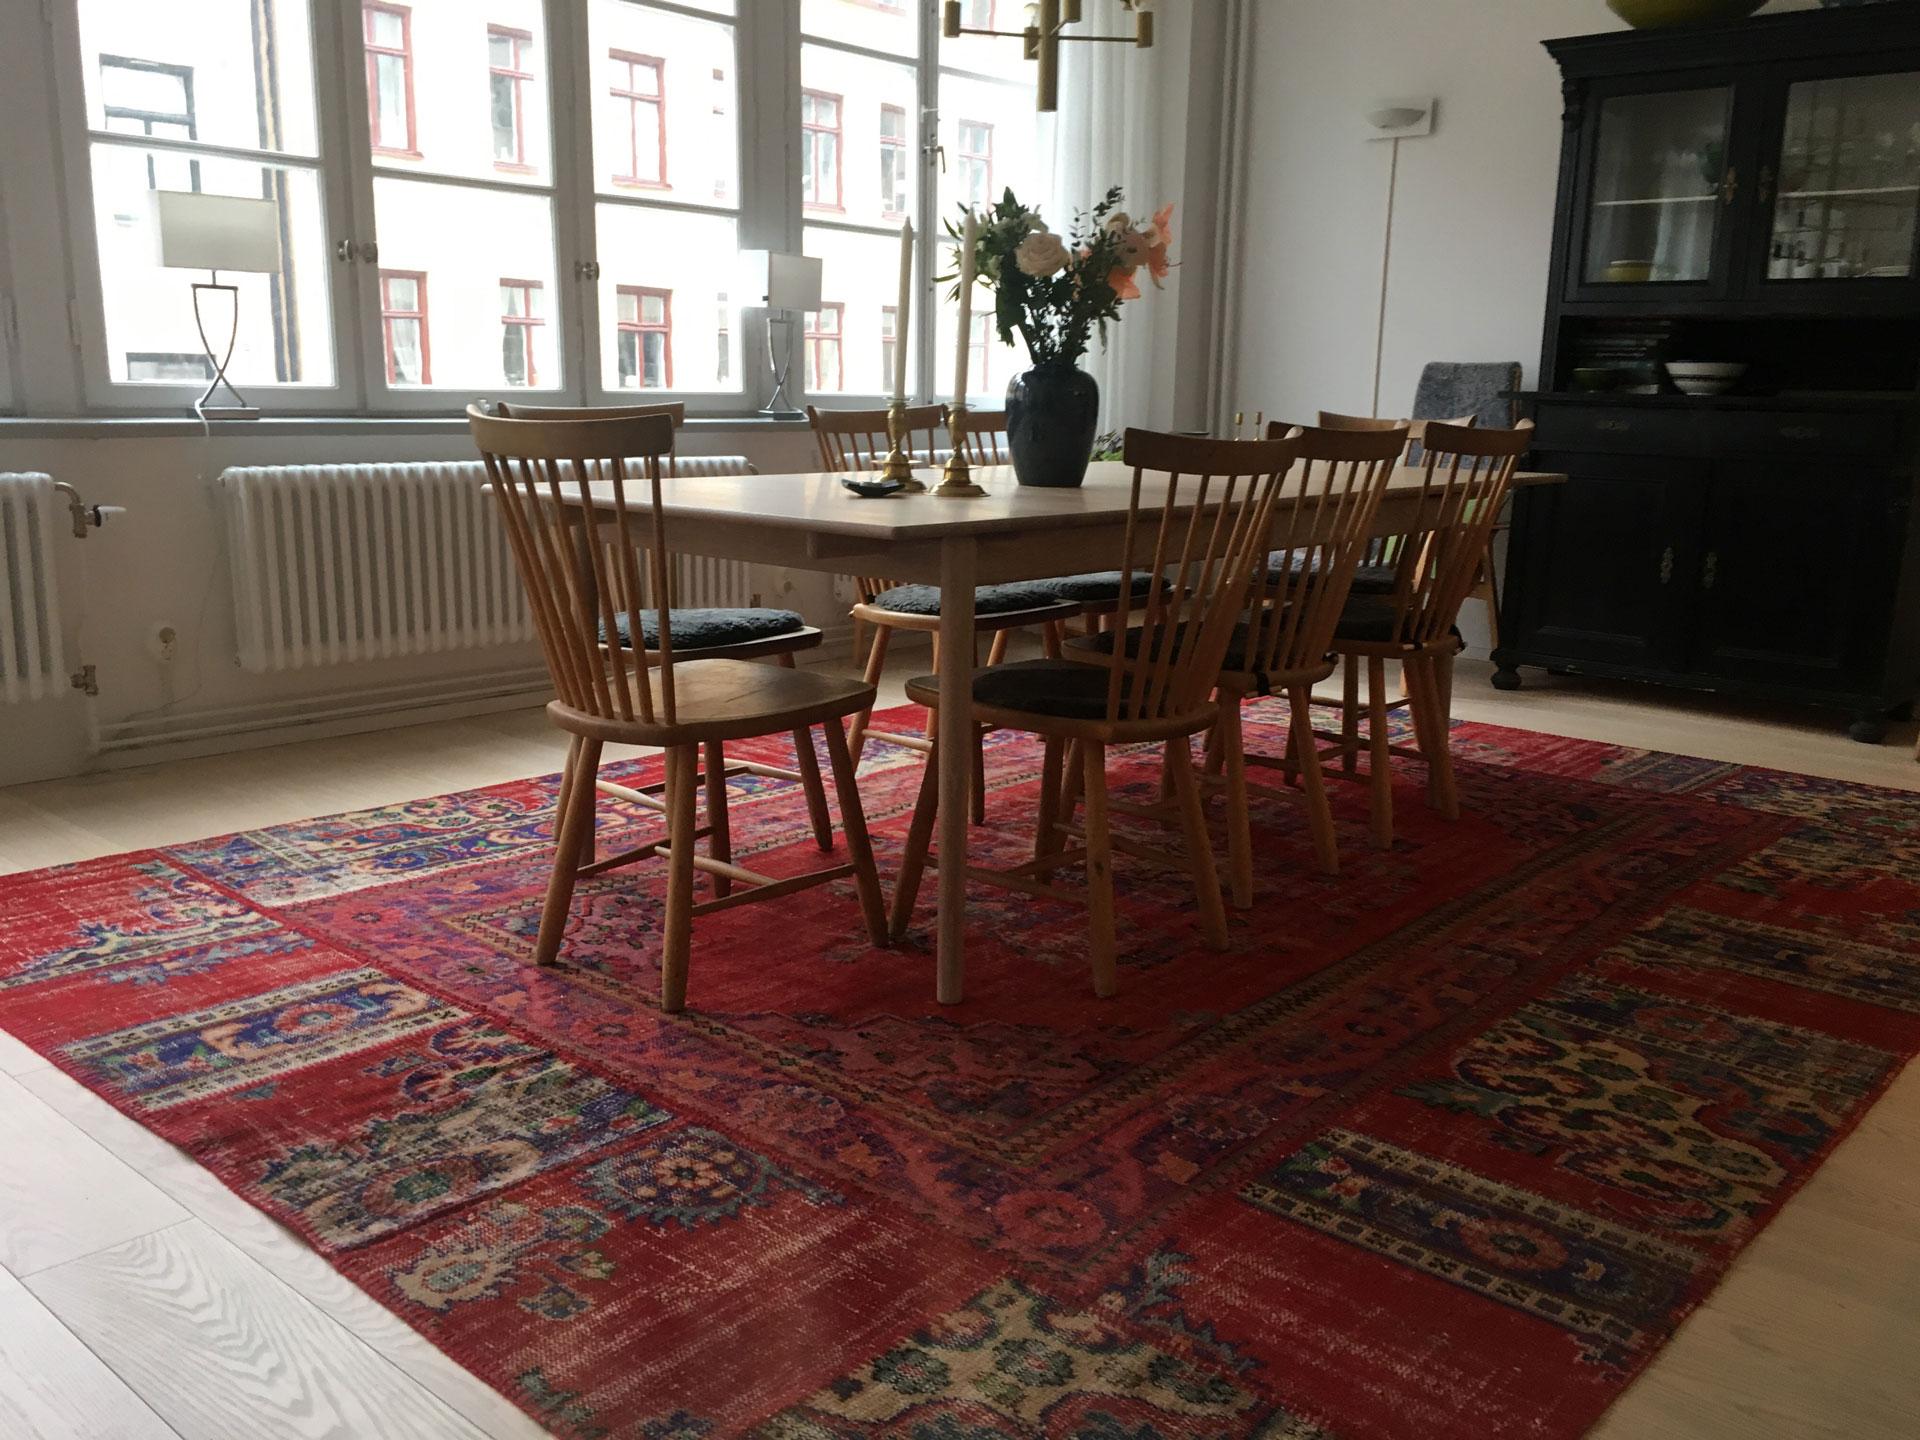 Turkish Patchwork Rug Under Table Stockholm Sweden